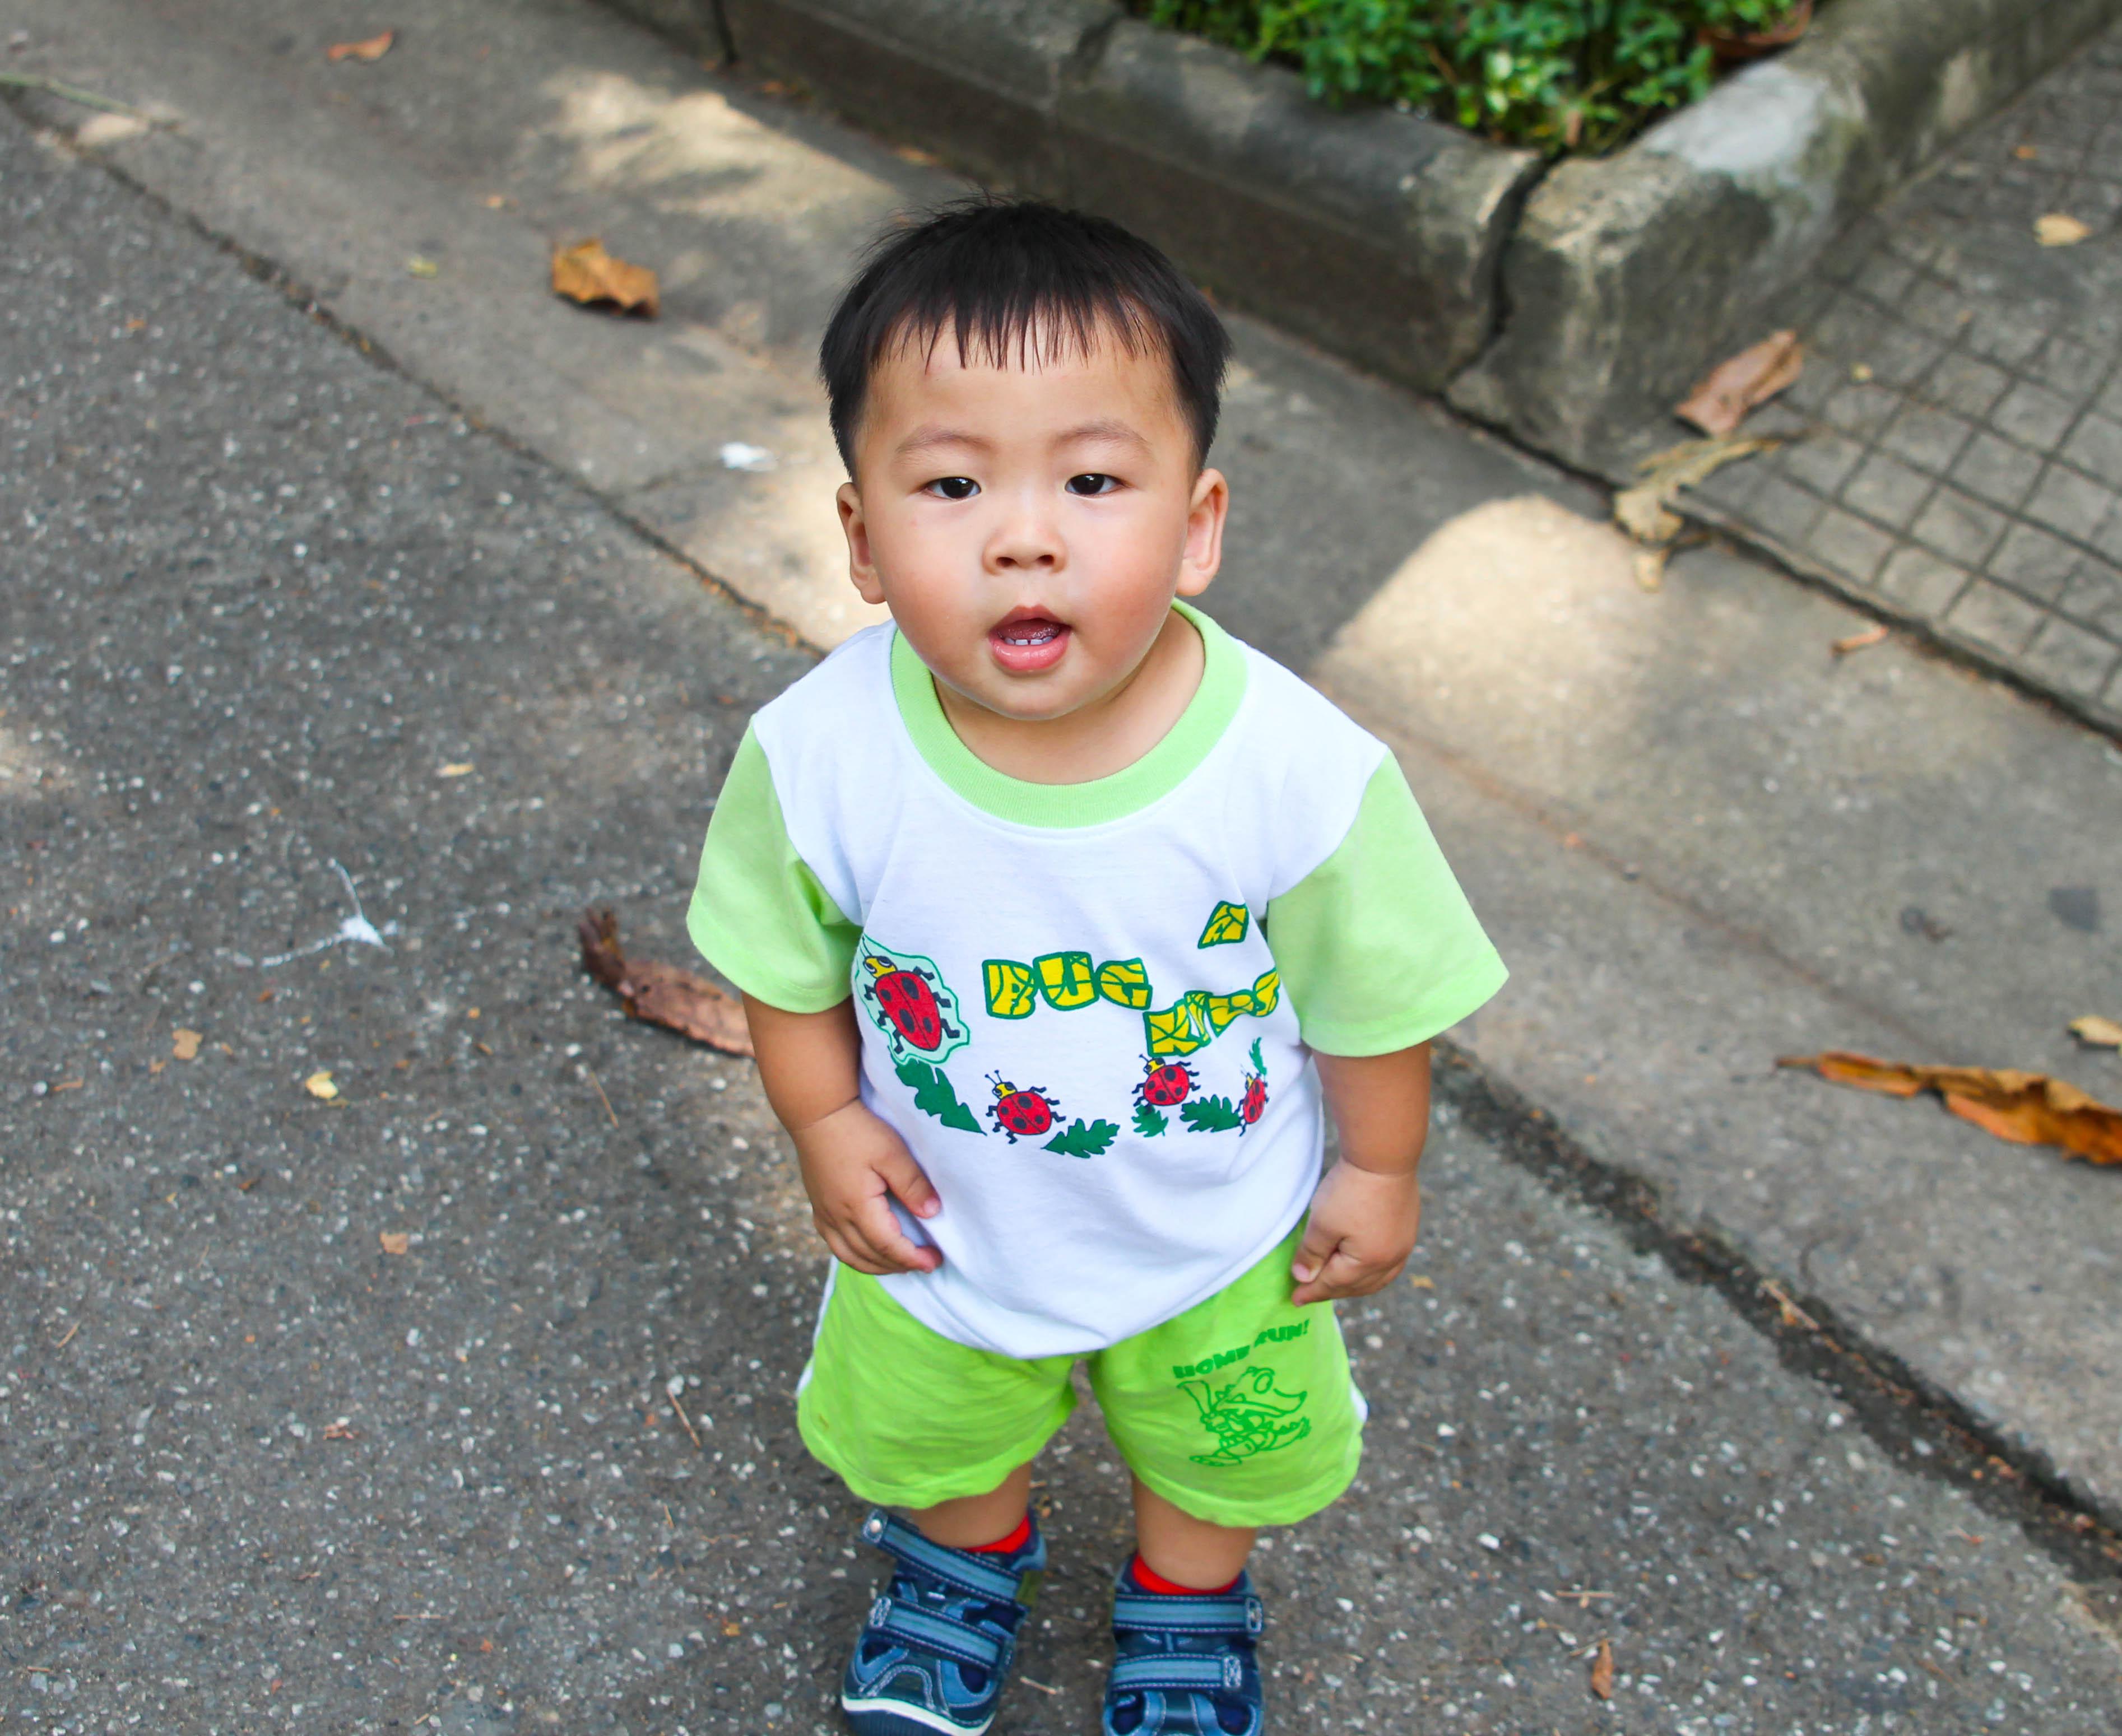 An Asian boy